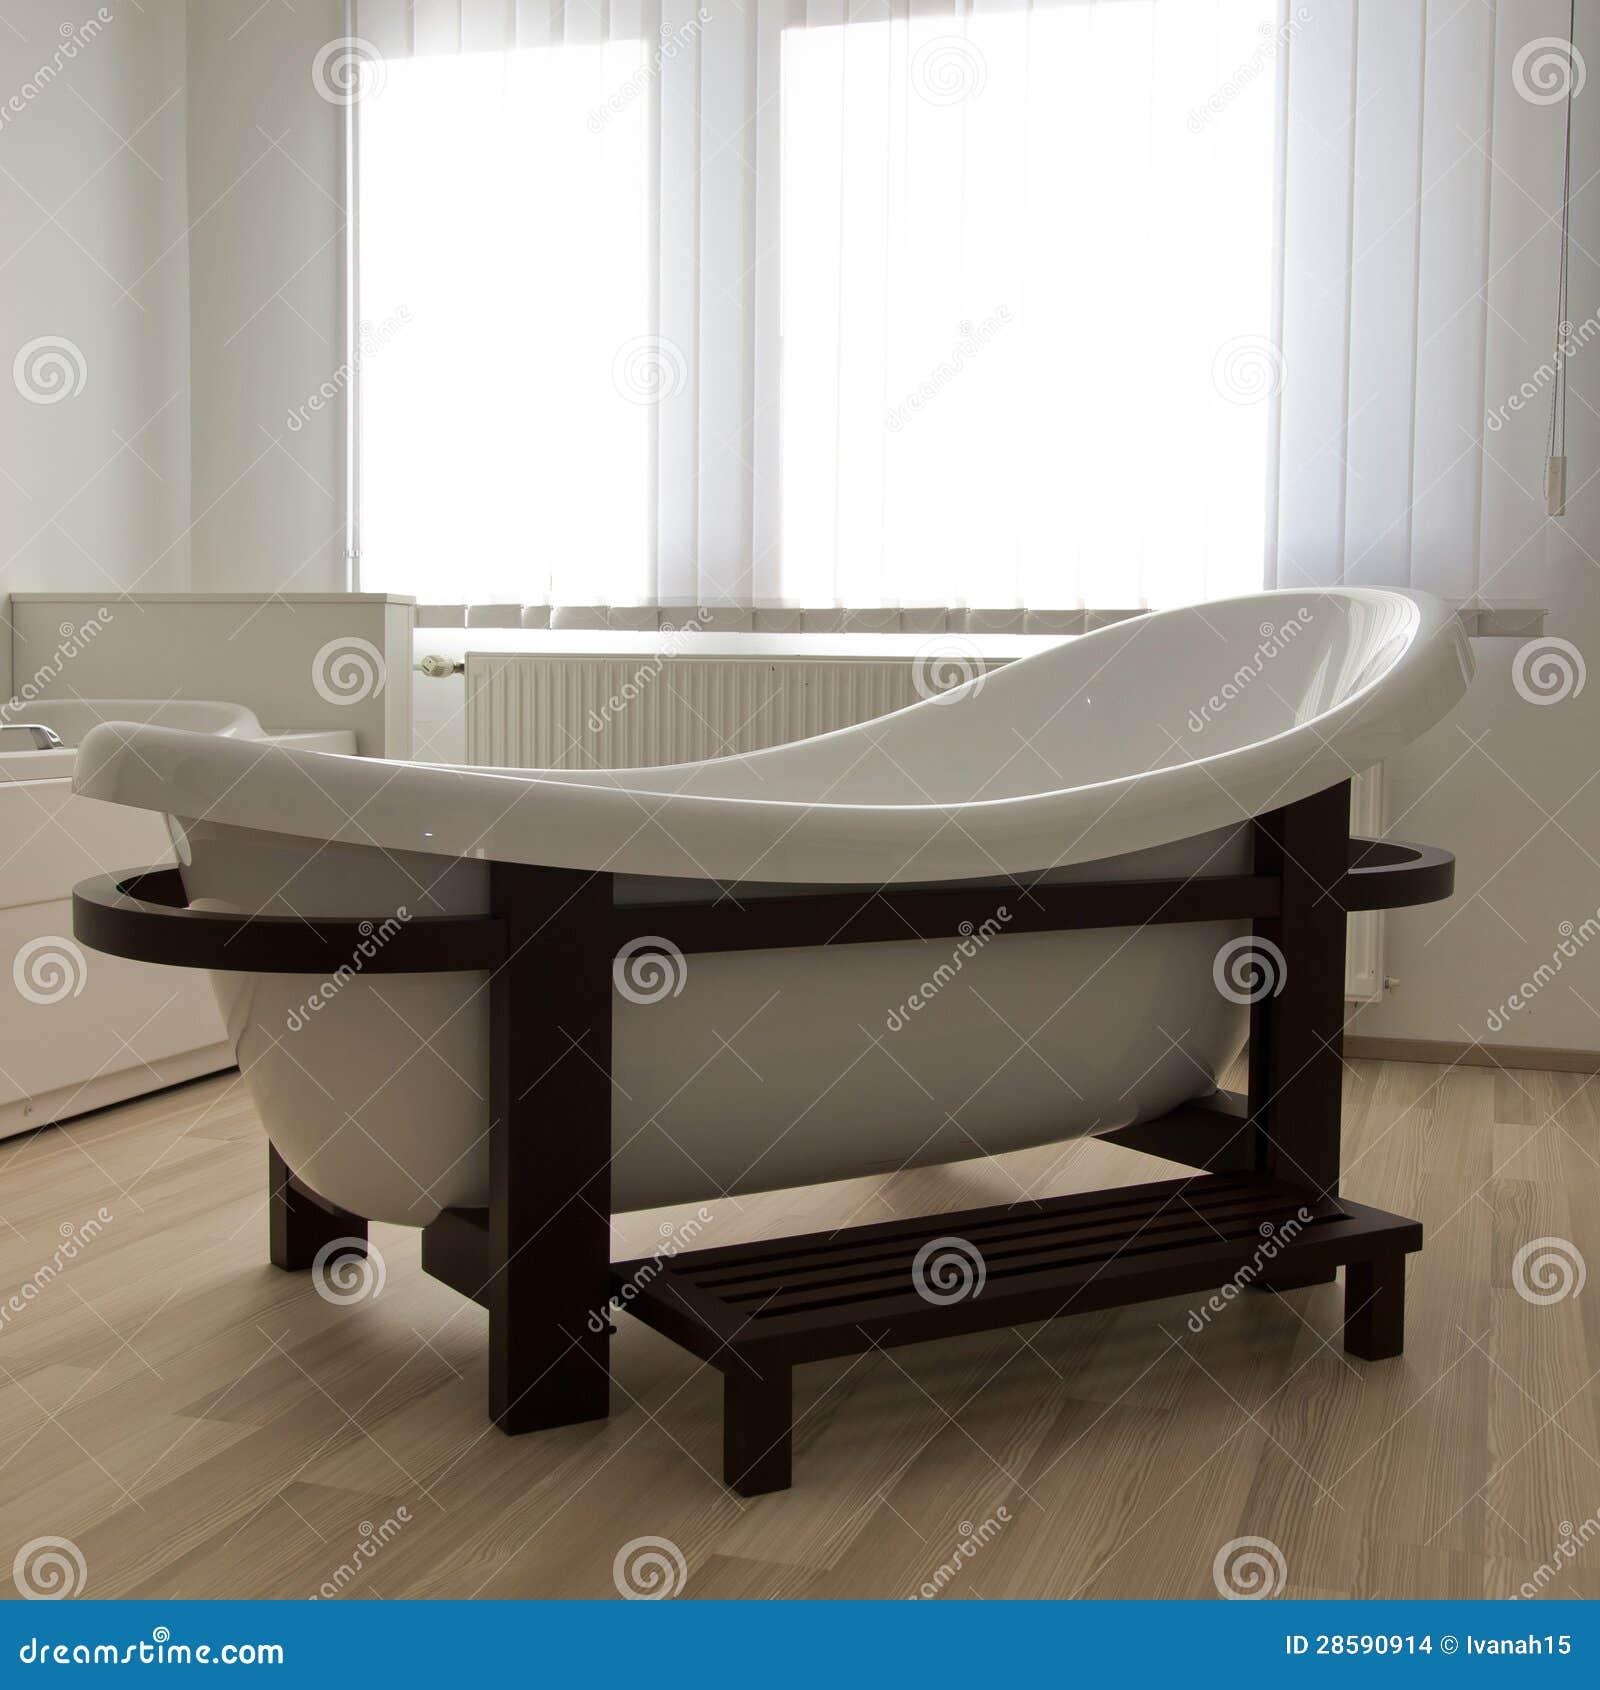 Diseno De Baño Con Tina:Imagenes de archivo: Tina de baño del balneario del diseño moderno